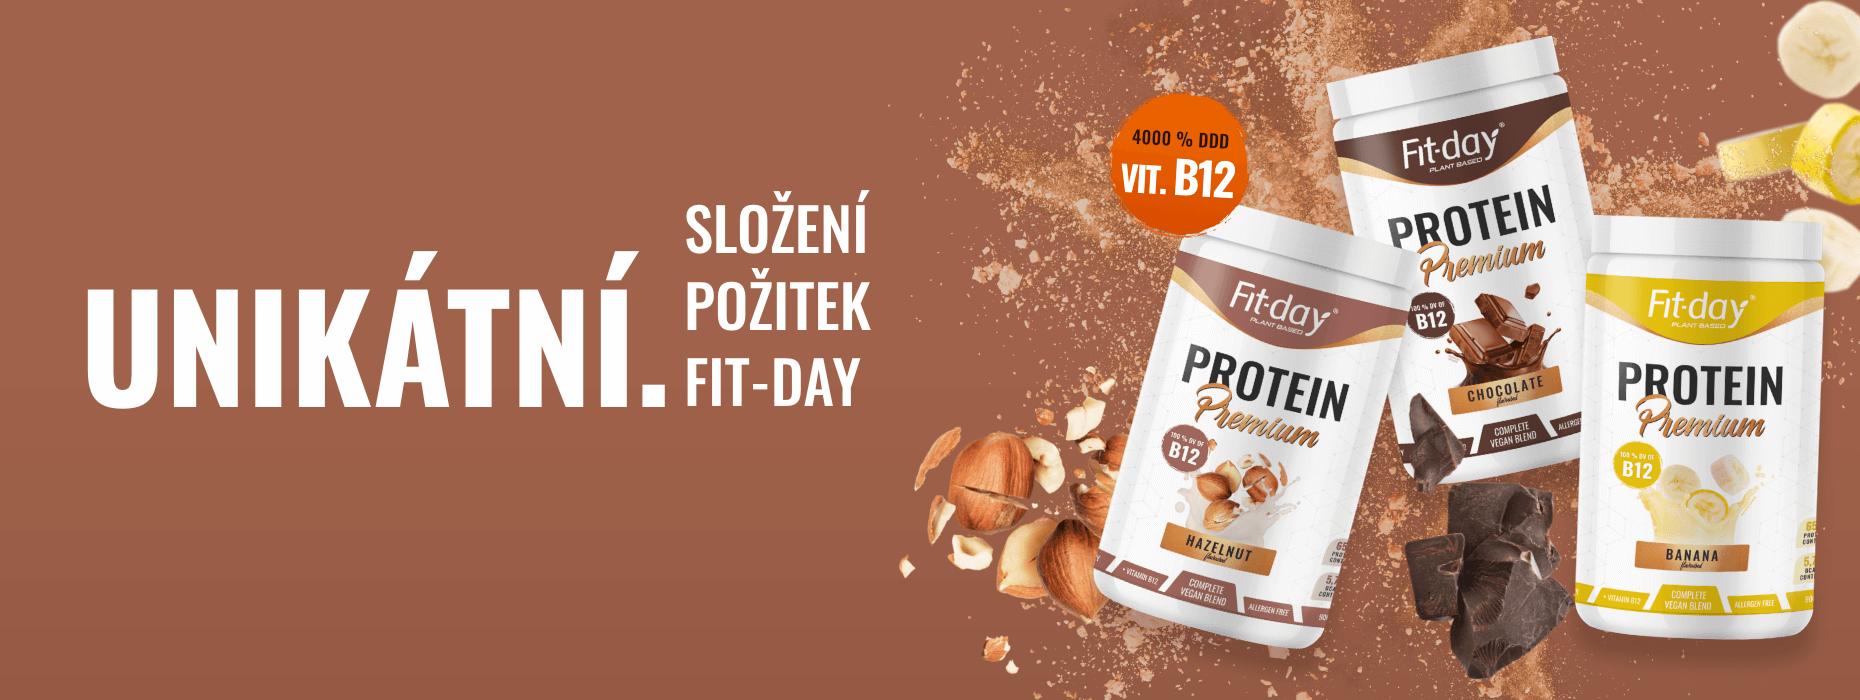 Fit-day protein premium banner